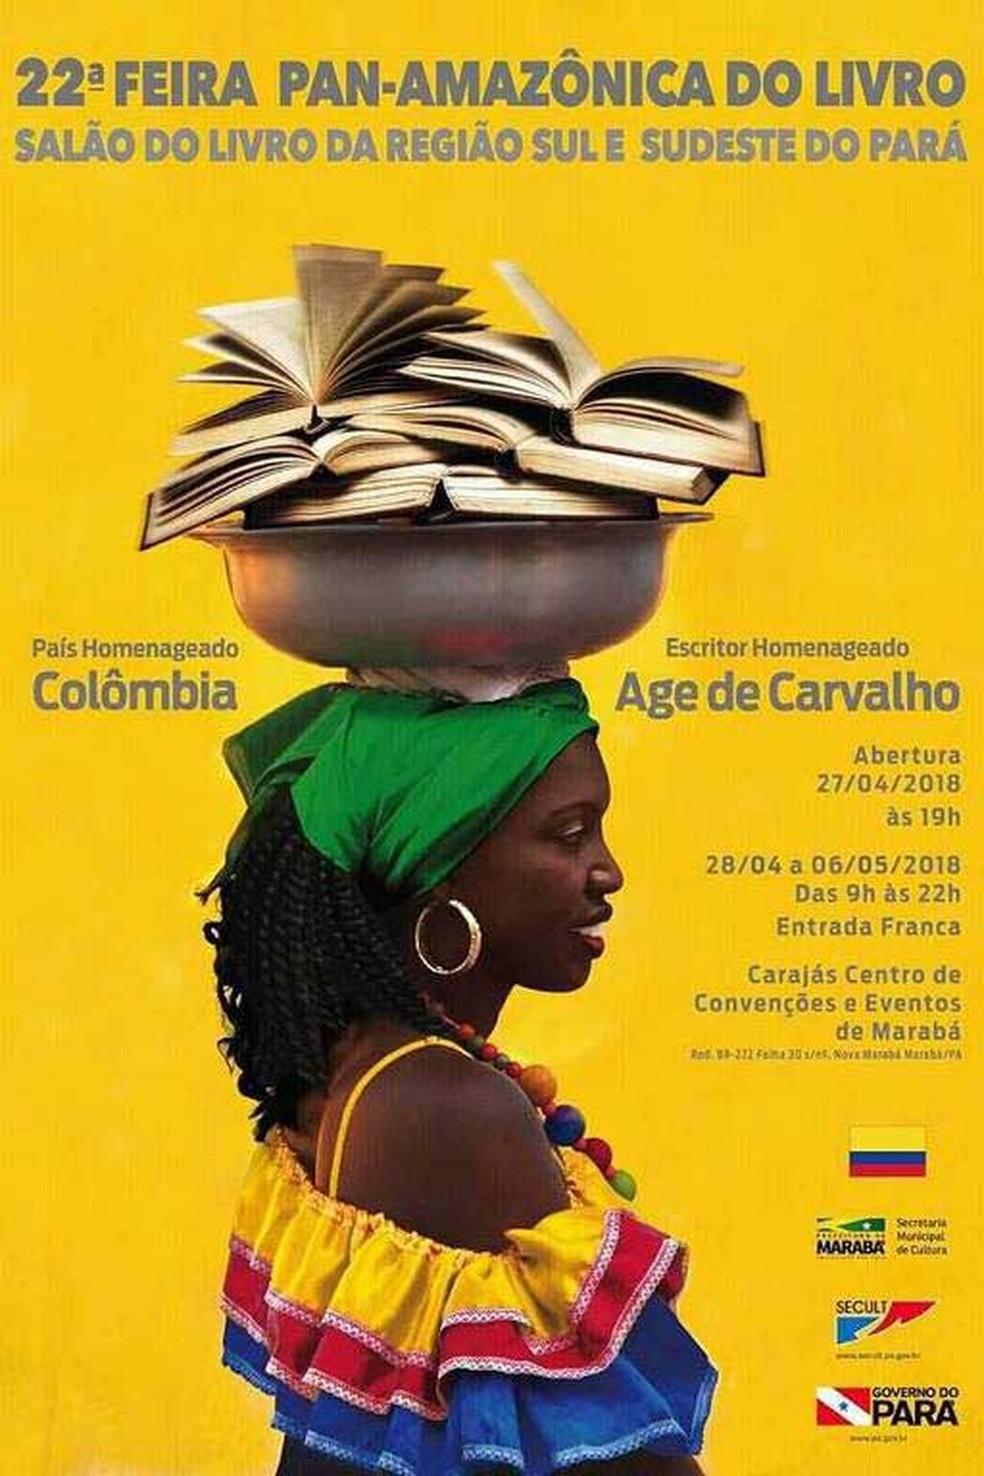 Cartaz de evento da Feira do Livro é alvo de críticas apontando racismo em representação de mulher negra carregando livros. (Foto: Reprodução / Secult)